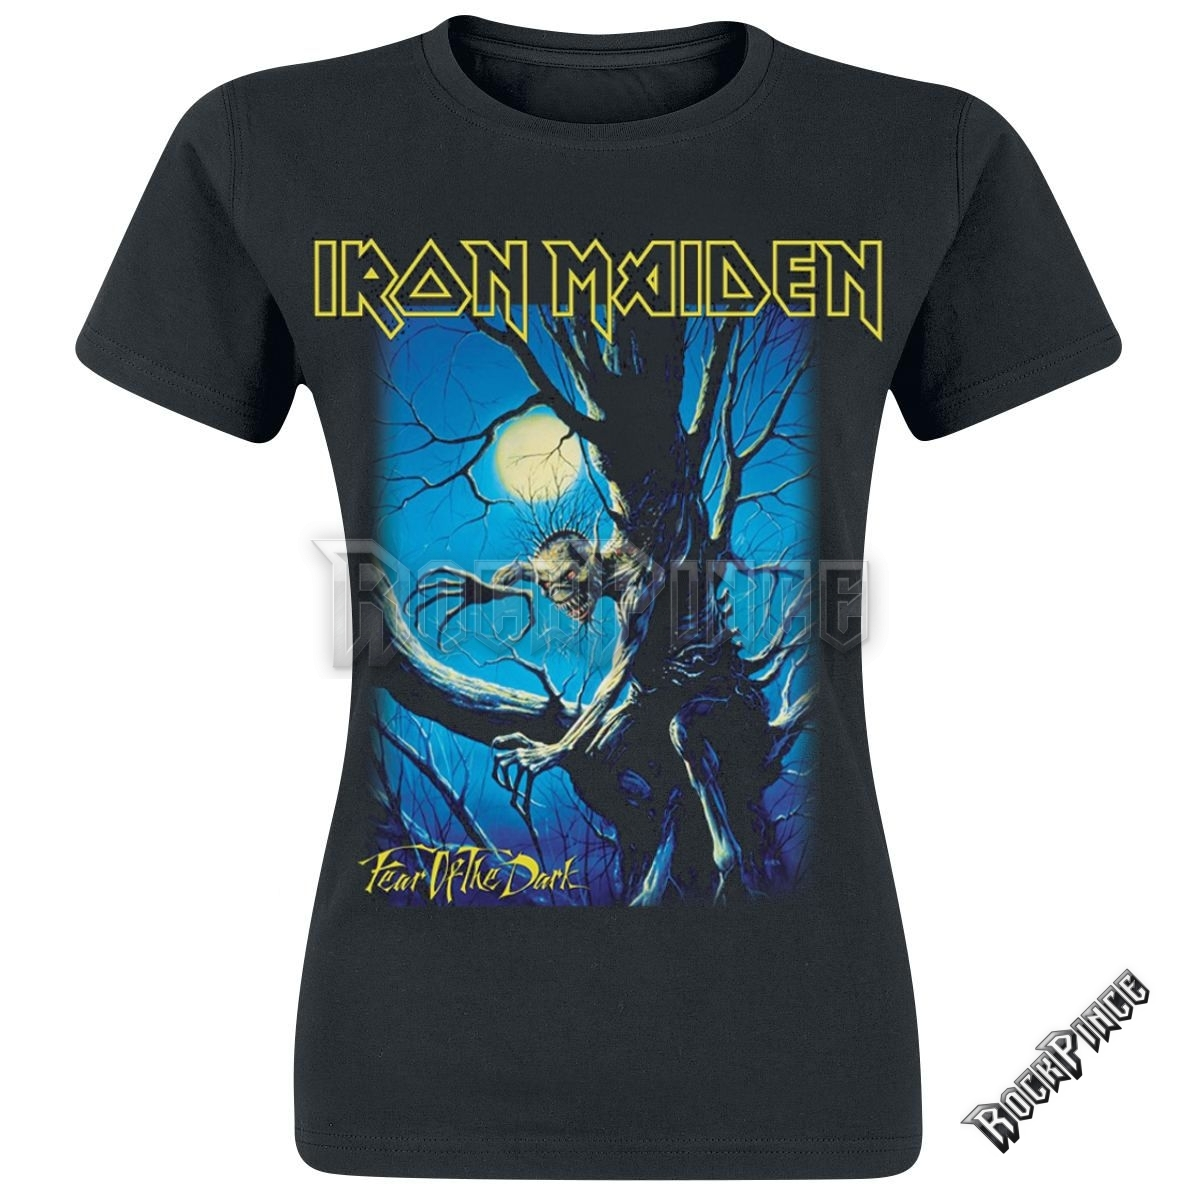 Iron Maiden - Fear of the dark - női póló